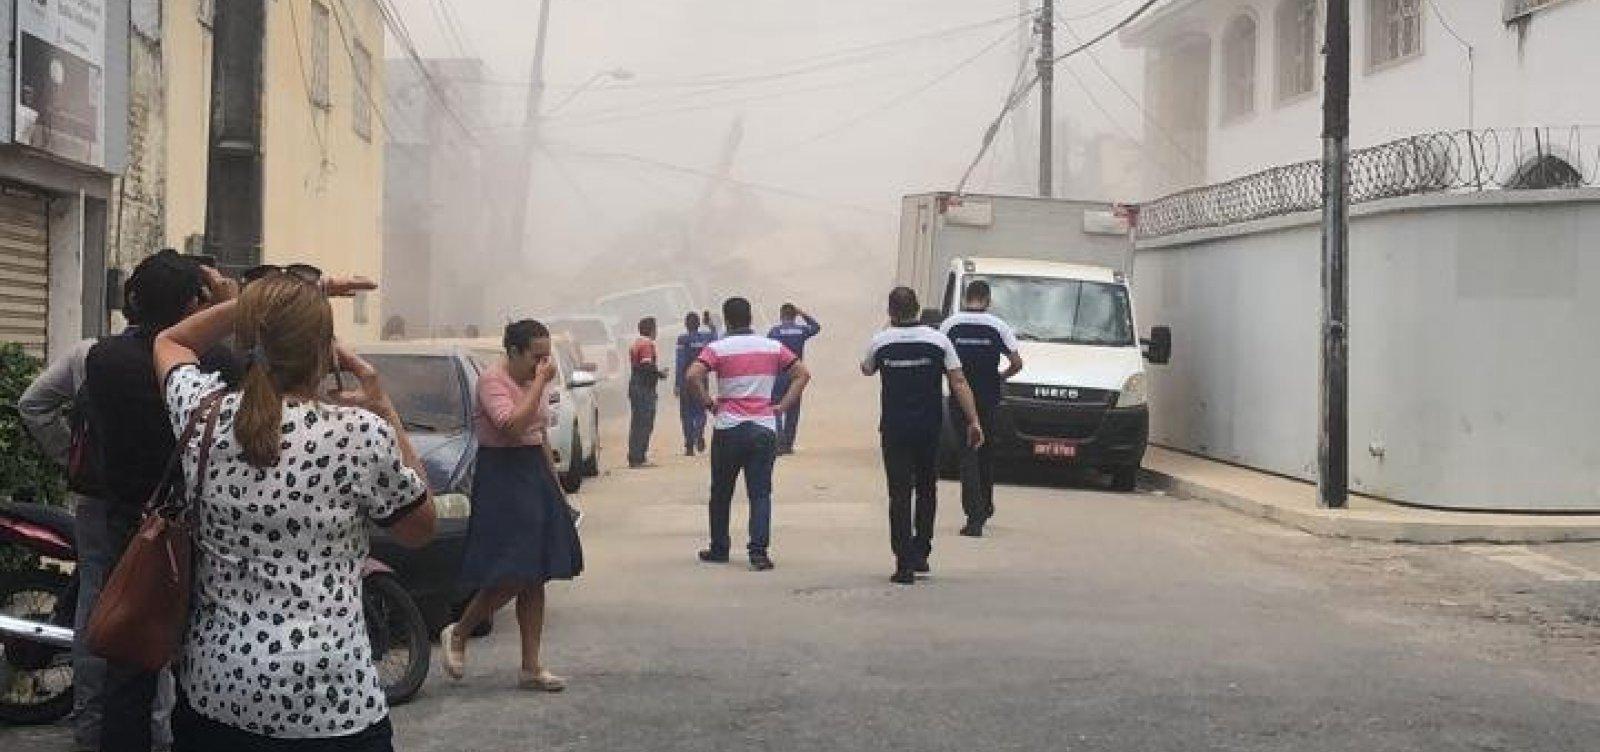 [Sobe para 5 o número de mortes em desabamento de prédio em Fortaleza]